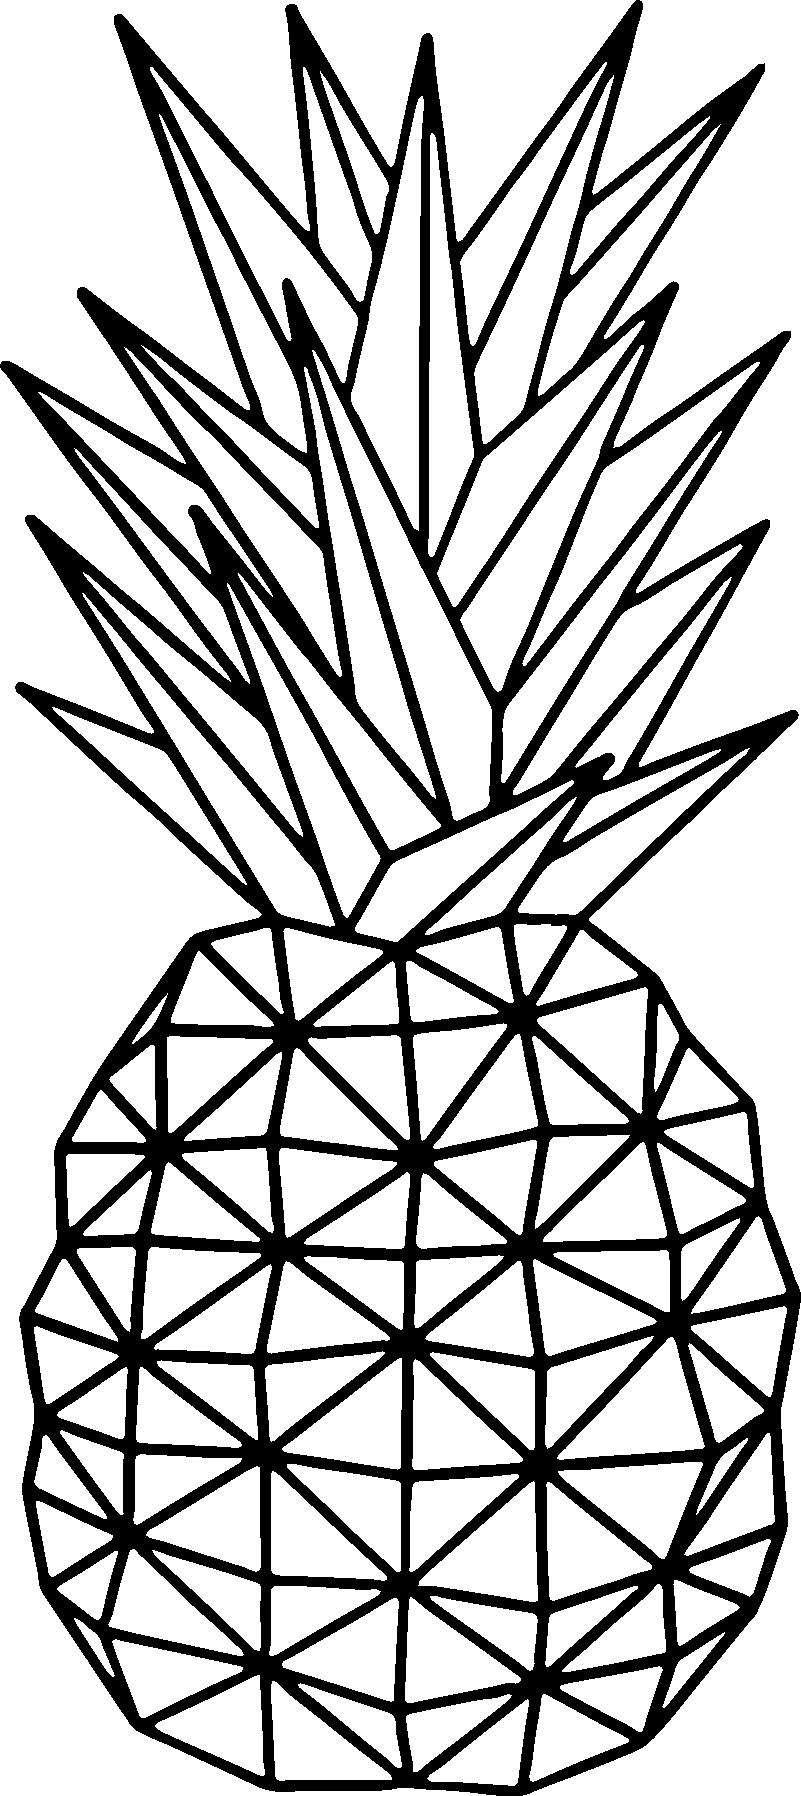 TenVinilo. Vinilo cocina Piña geométrica. Original vinilo adhesivo monocolor de estilo minimalista con el diseño de un piña realizada con líneas rectas. Promociones Exclusivas vía e-mail.